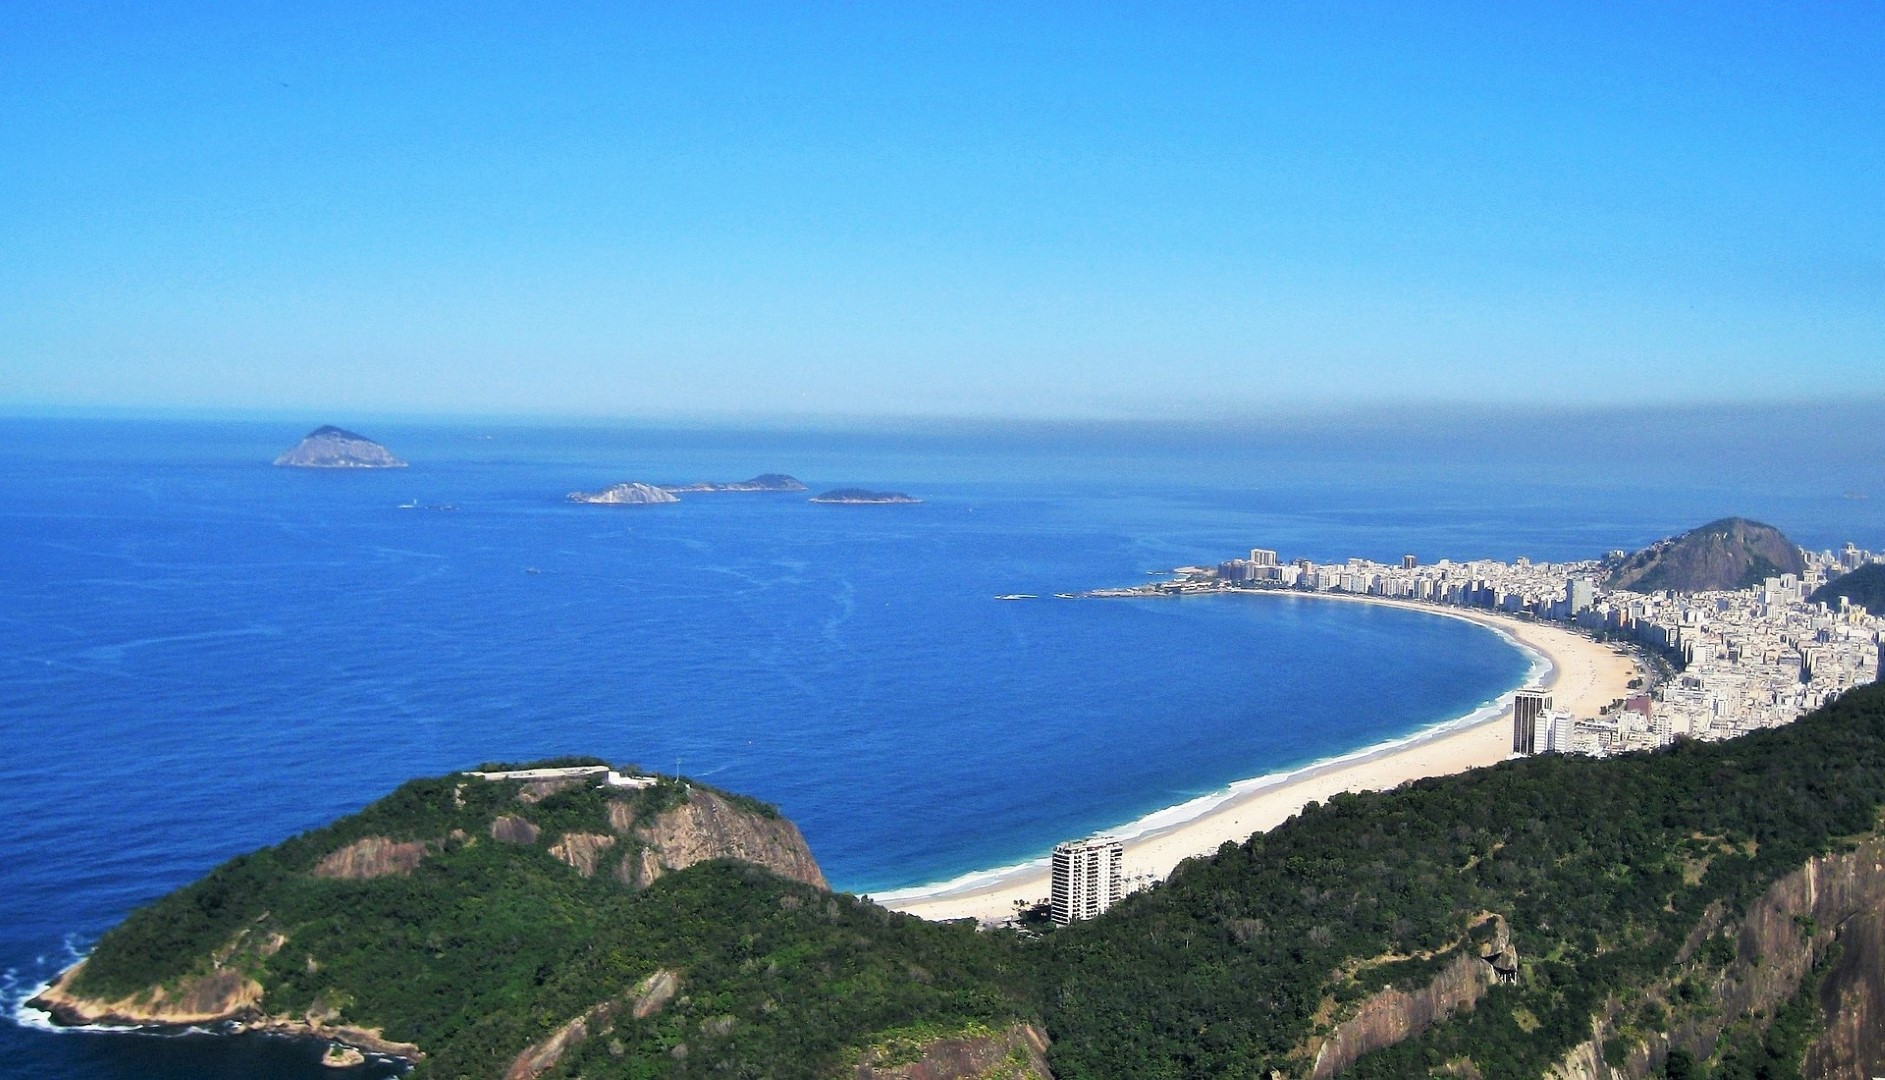 Gerenciamento de Redes Sociais em Grumari – Rio de Janeiro – RJ